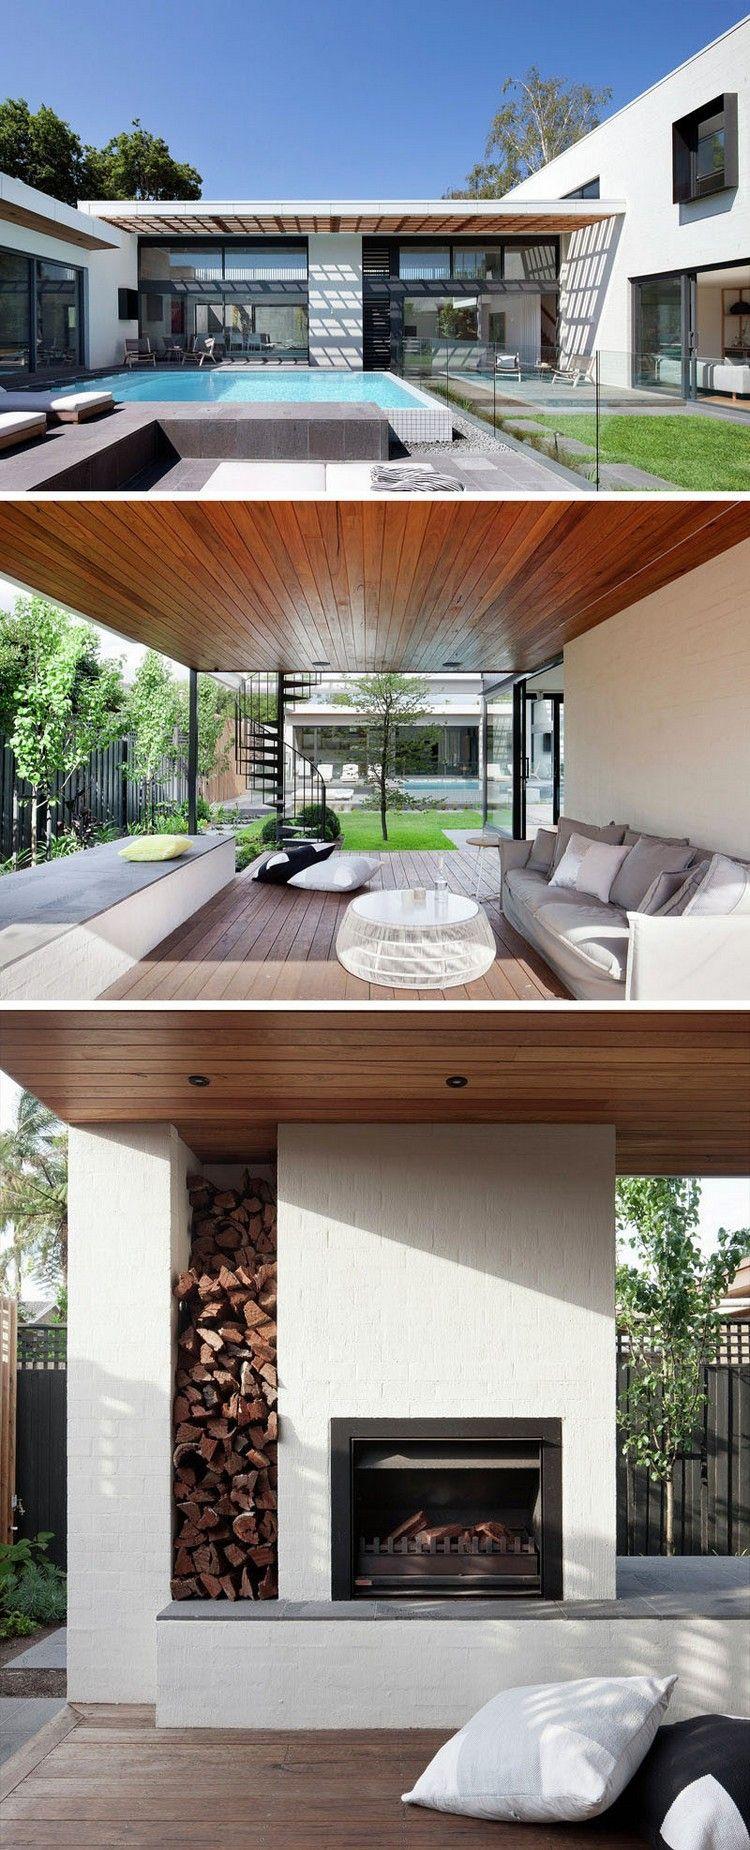 Aménagement Extérieur Maison Avec Terrasse, Piscine ... serapportantà Amanagement Extarieur Maison